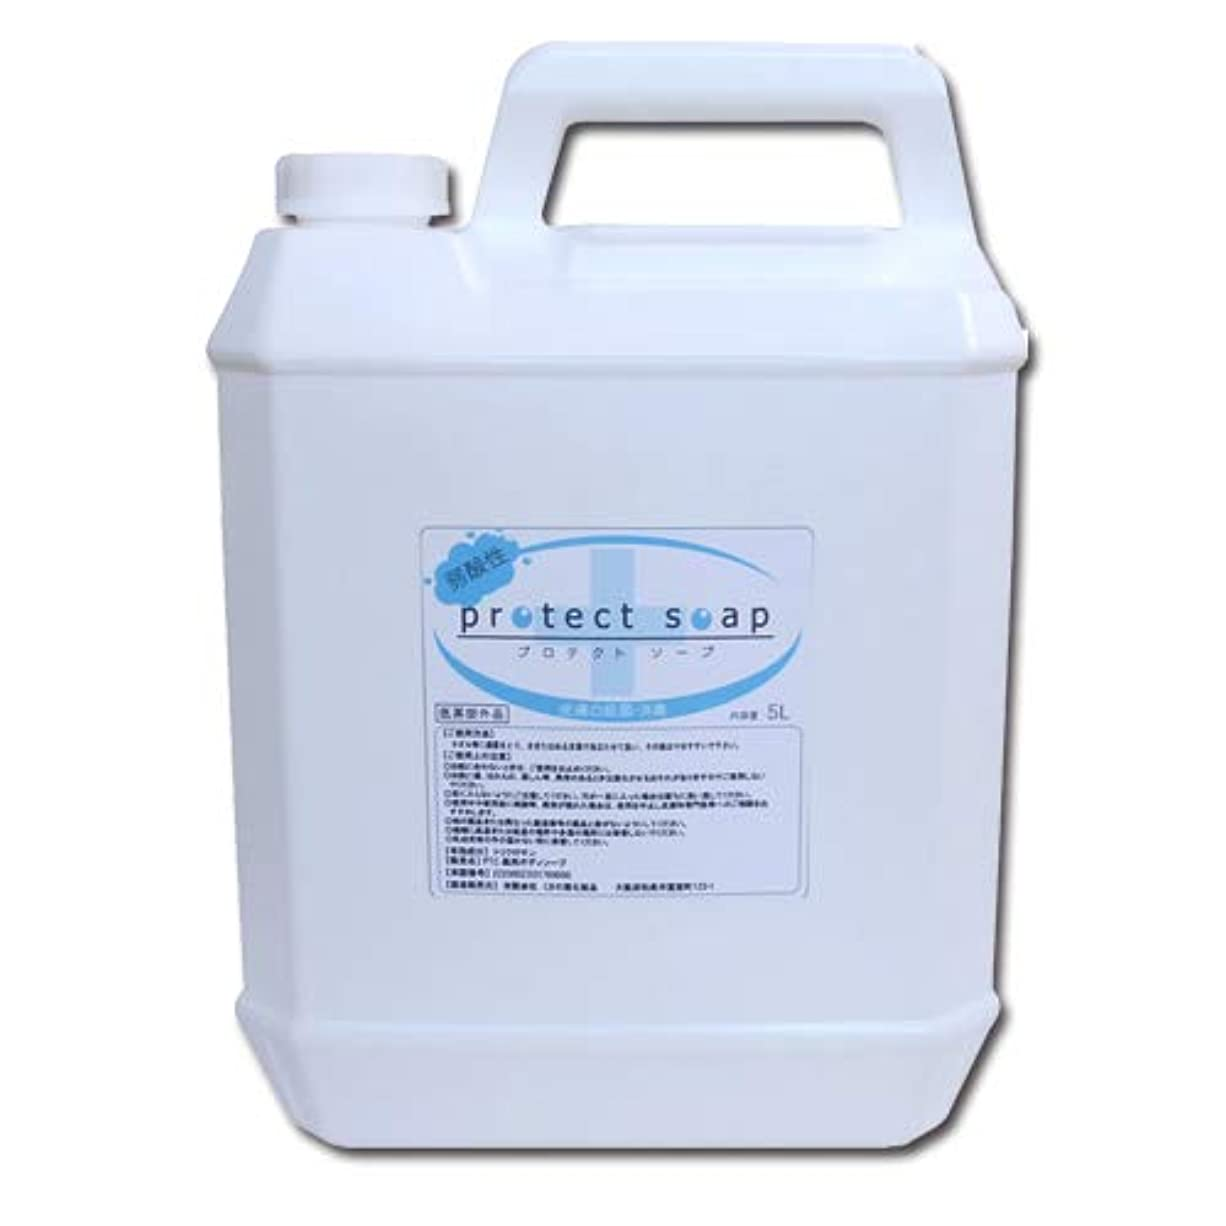 深く電子横たわる低刺激弱酸性 液体石鹸 プロテクトソープ 5L 業務用│せっけん液 液体せっけん 殺菌?消毒 インフルエンザ?ノロウィルス対策